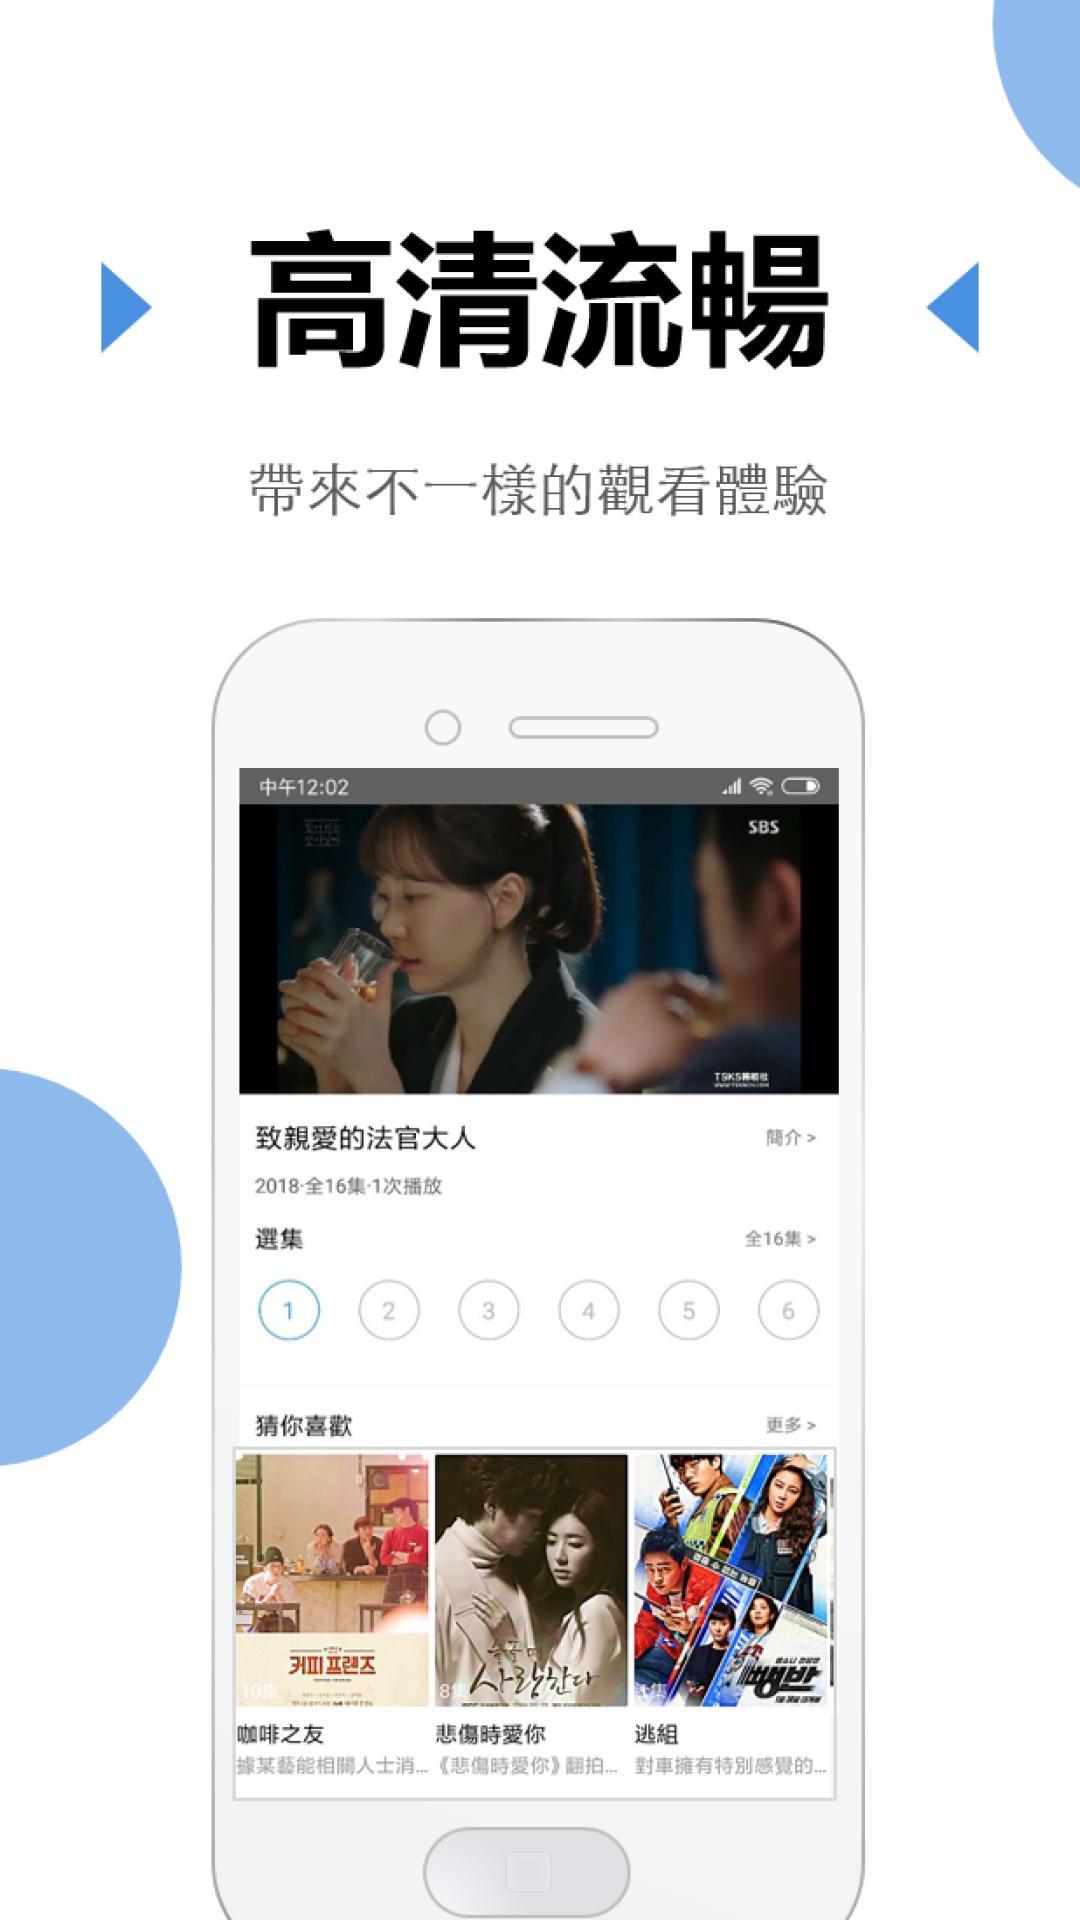 韩剧侠app截图